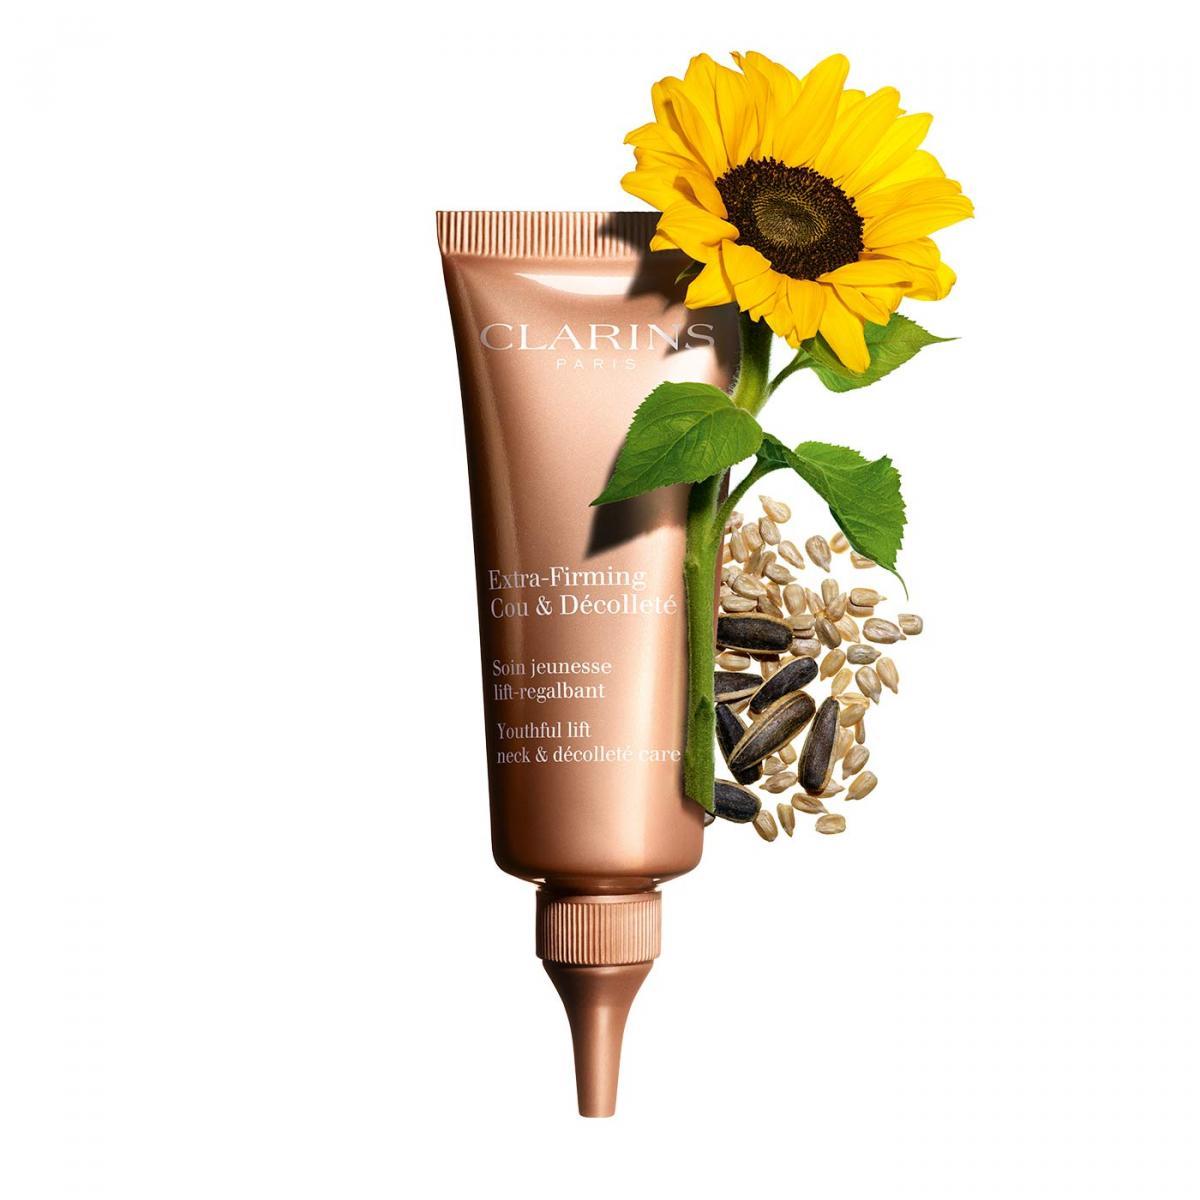 頸紋保養品牌推薦Top 10!Lauder、Sisley、Shiseido..嬌蘭這款連范冰冰都愛用-6